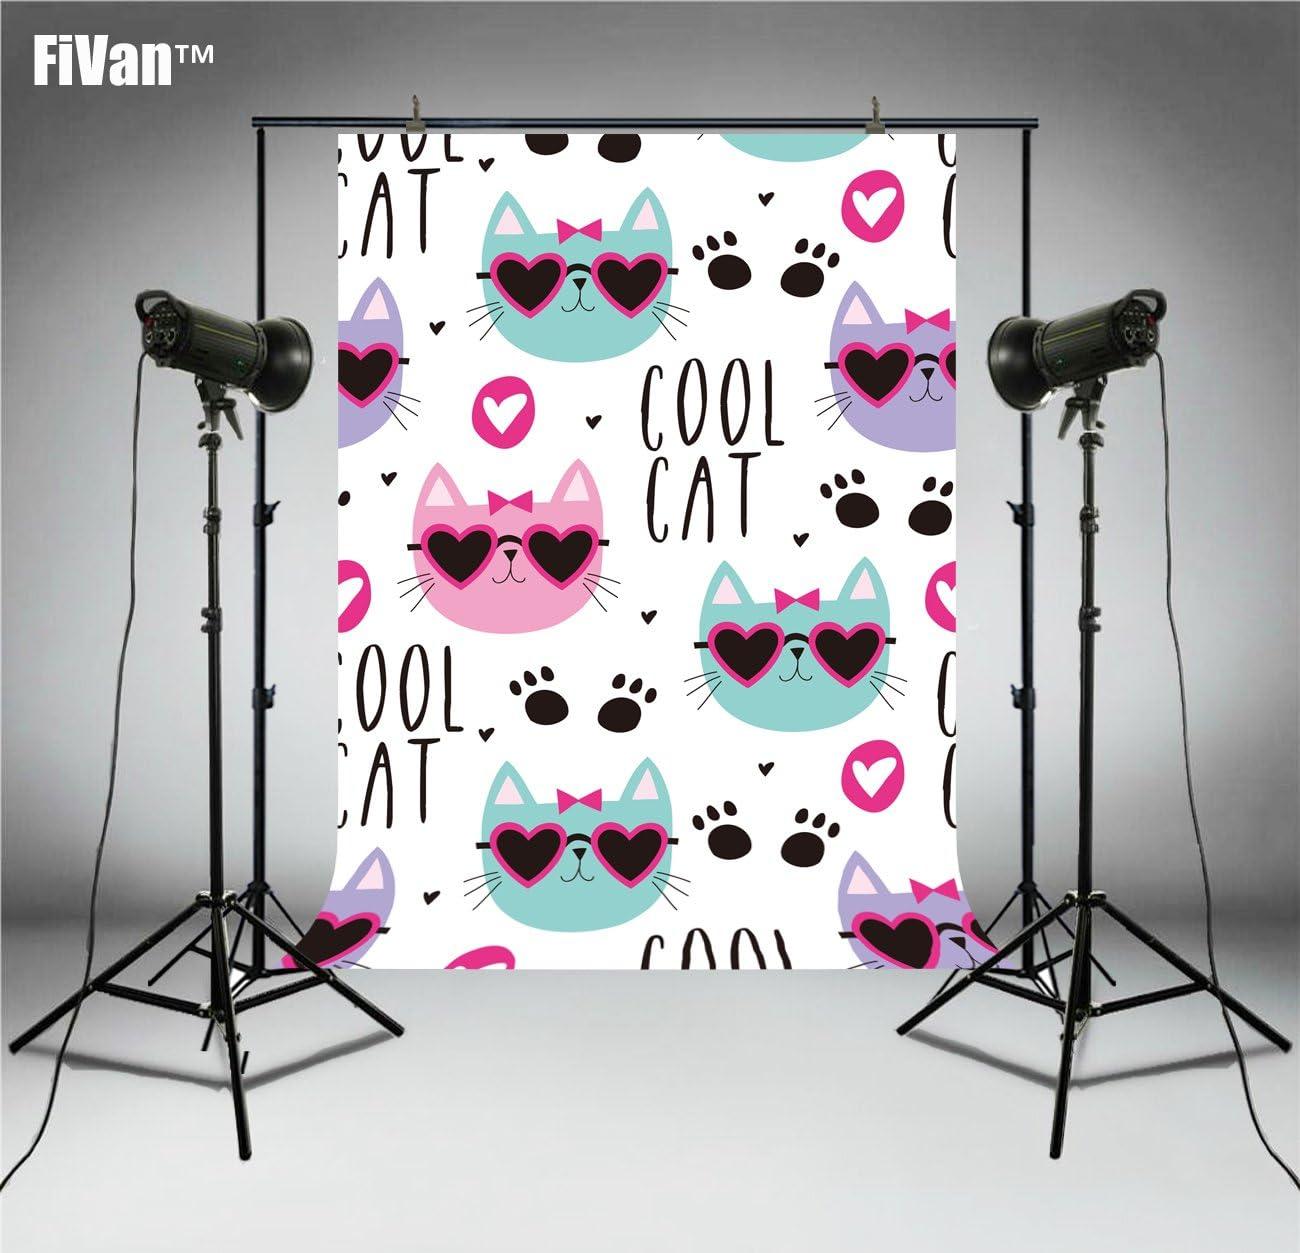 Fivan Cool Cat Cartoon Fotografie Hintergrund Fotohintergrund Für Neugeborene Babyparty Geburtstag Bilder Party Banner Dessert Tischdekoration